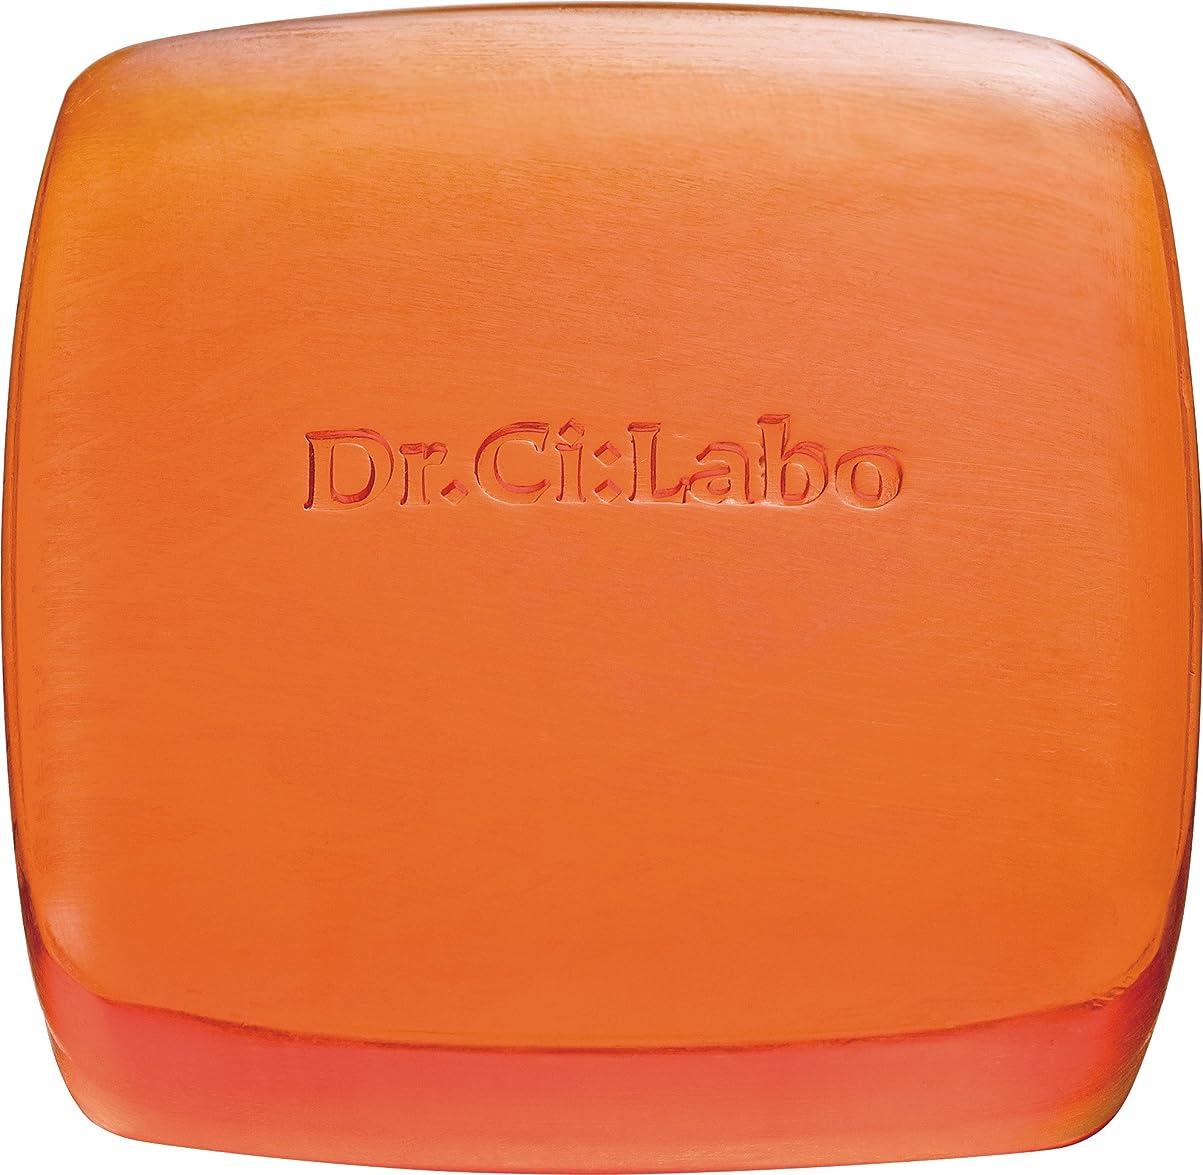 スクラップ散文素晴らしきドクターシーラボ VC100ピーリングソープ 100g 洗顔石鹸